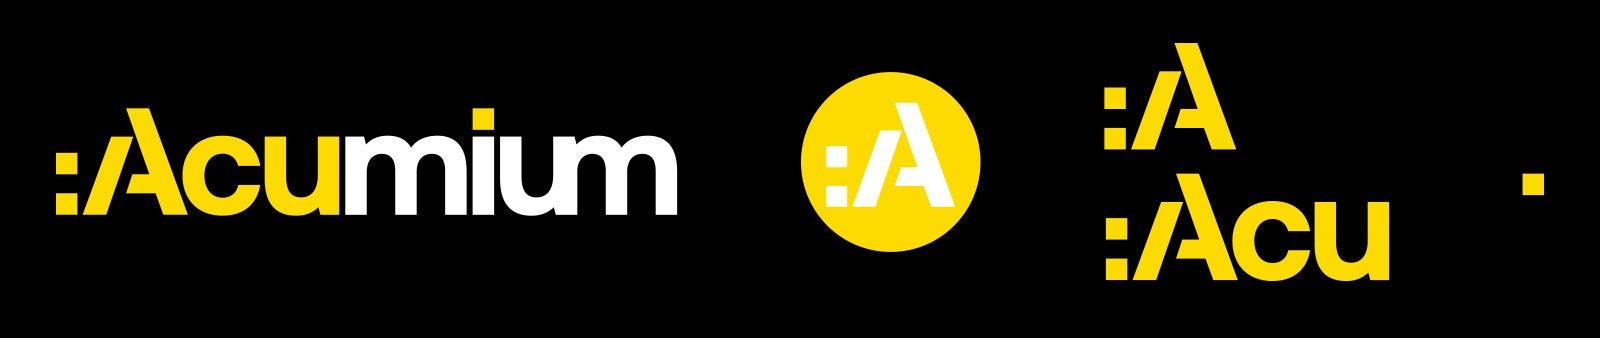 Acumium design logo evolution